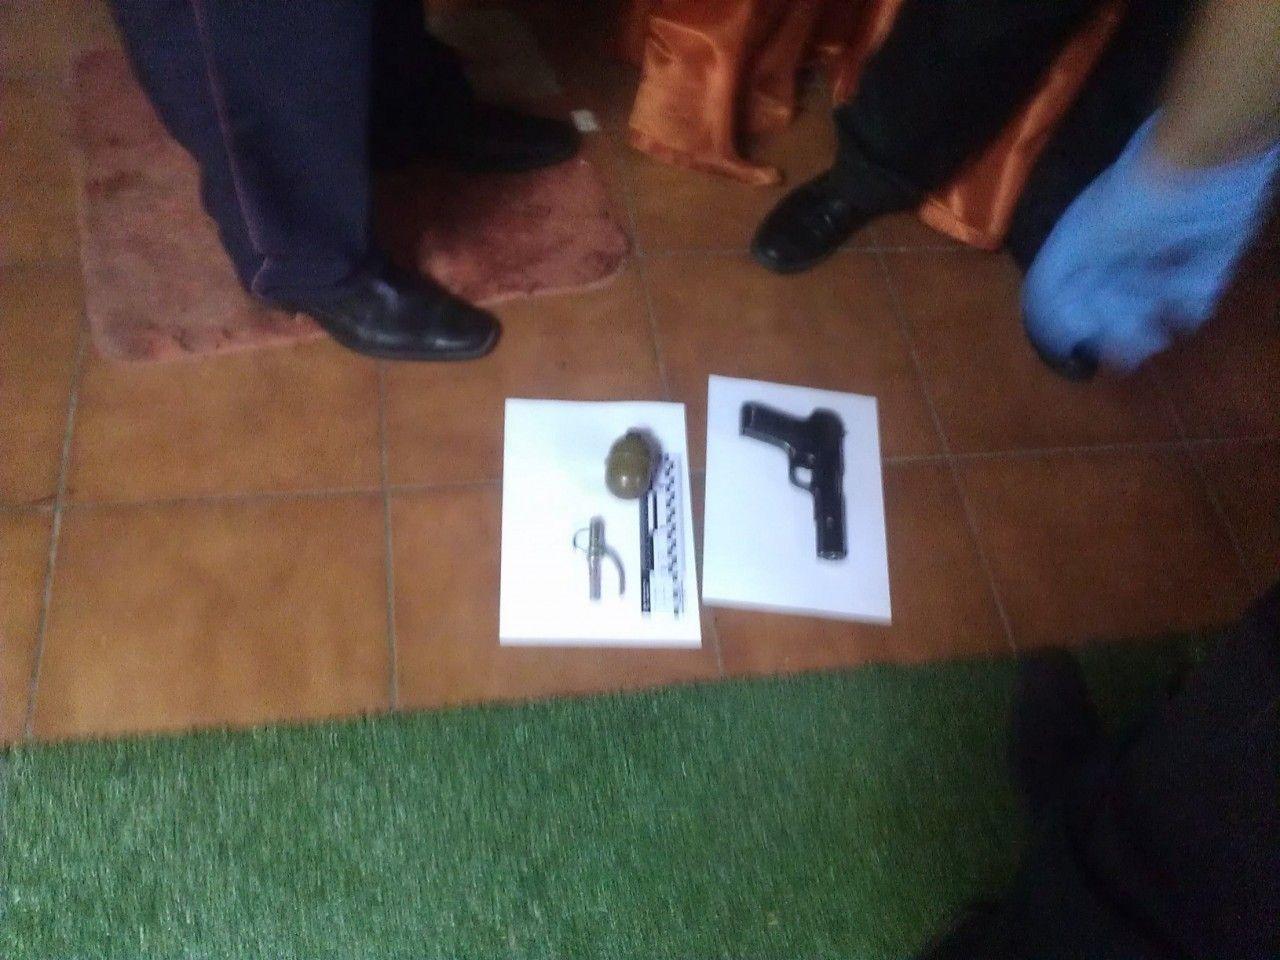 Пистолет, найденный в офисе FEMEN